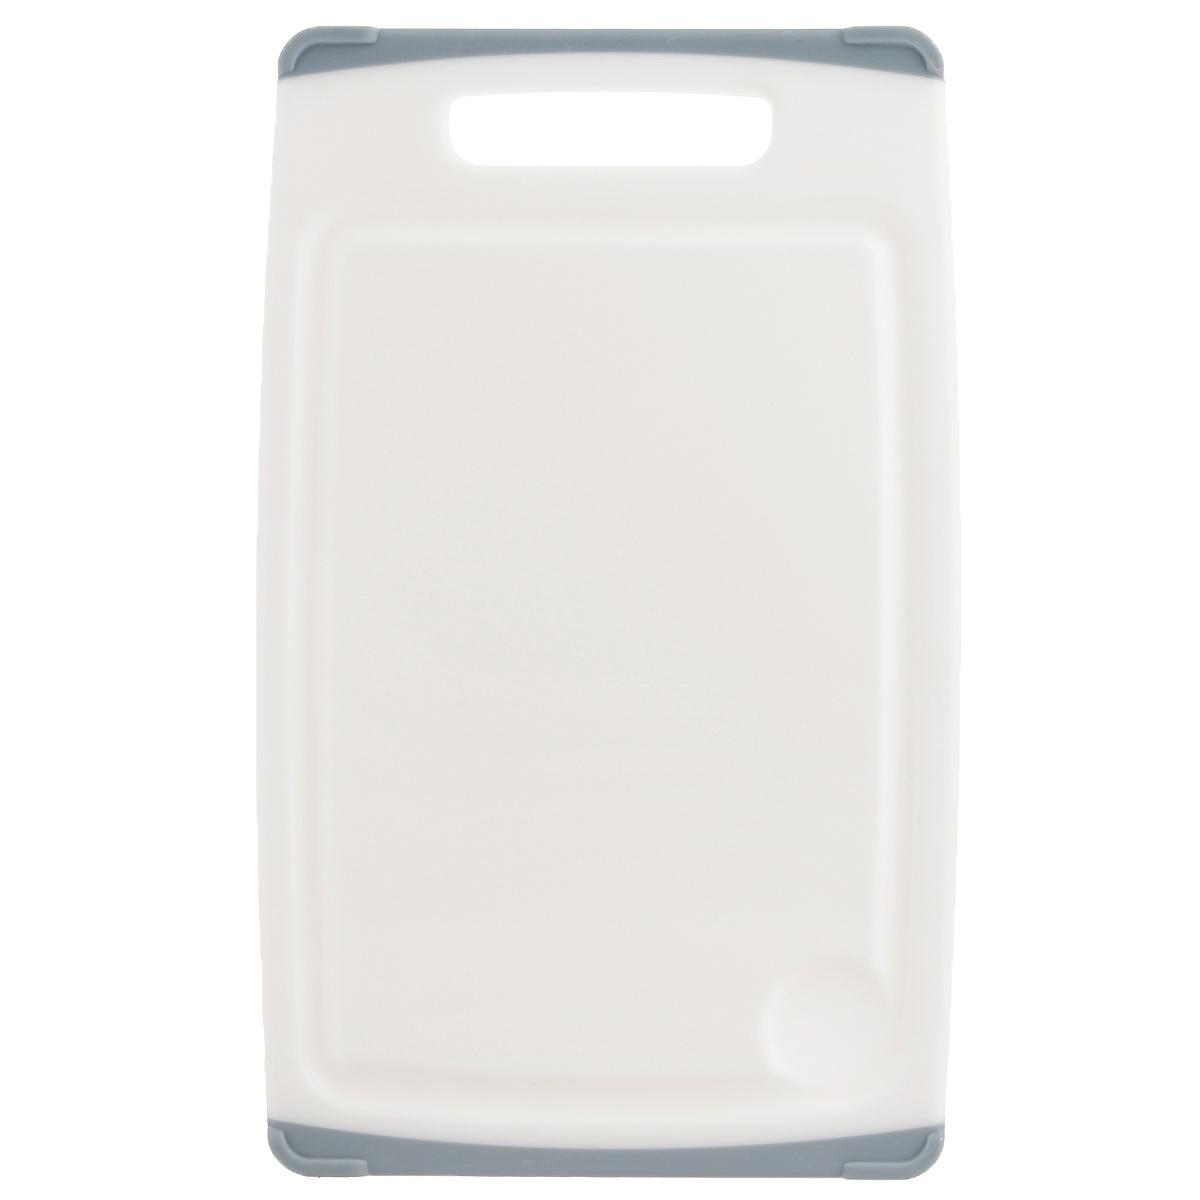 Доска разделочная Tescoma Cosmo, цвет: серый, 30 см х 20 см379212Разделочная доска Tescoma Cosmo, изготовленная из высококачественного прочного пластика, станет незаменимым атрибутом приготовления пищи. Она идеально подходит для разделки мяса, рыбы, приготовления теста и нарезки любых продуктов. А особый дизайн краев с желобком способствует задерживанию жидкостей и остатков продуктов. Изделие оснащено прорезиненными цветными вставками с двух сторон для предотвращения скольжения по столу. Доска предназначена для ежедневного интенсивного использования. Не затупляет лезвия. Современный стильный дизайн и функциональность разделочной доски Tescoma Cosmo, позволит занять ей достойное место на вашей кухне. Можно мыть в посудомоечной машине.